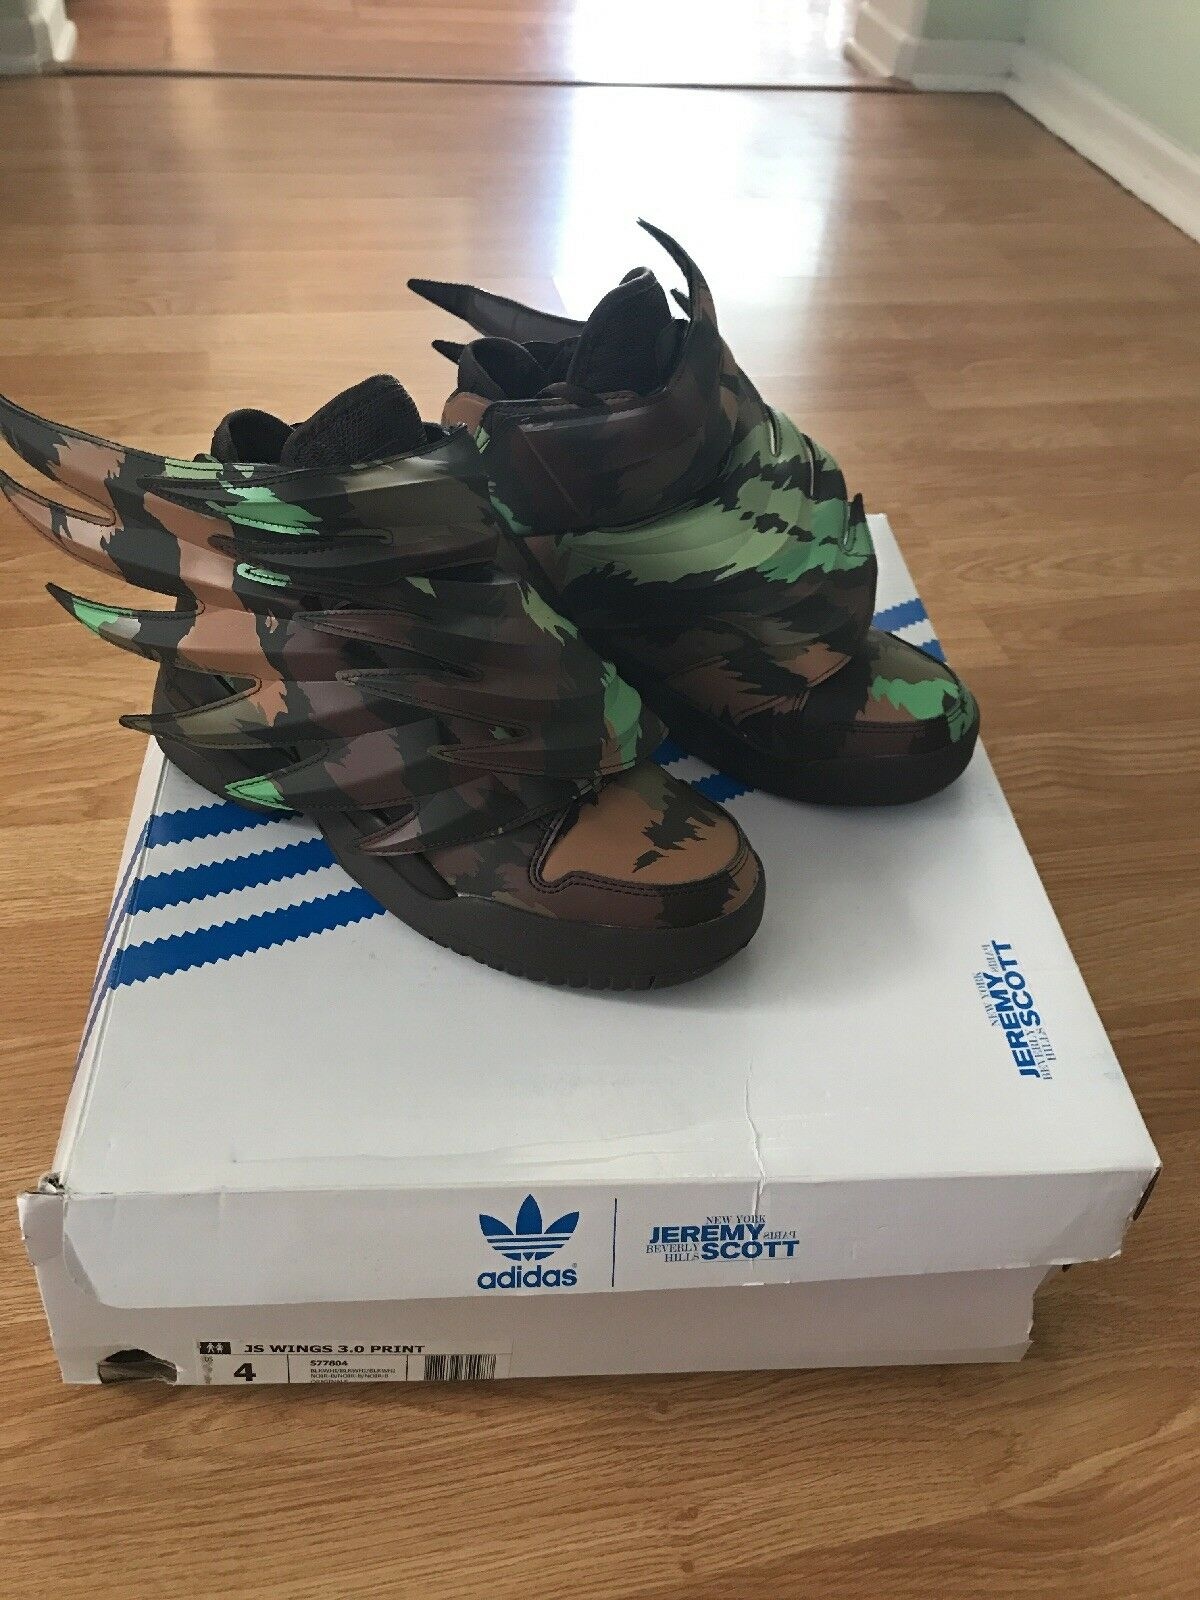 Adidas original  Jermey Scott comodo alas 3.0 Camo Sauvage comodo Scott c7de13